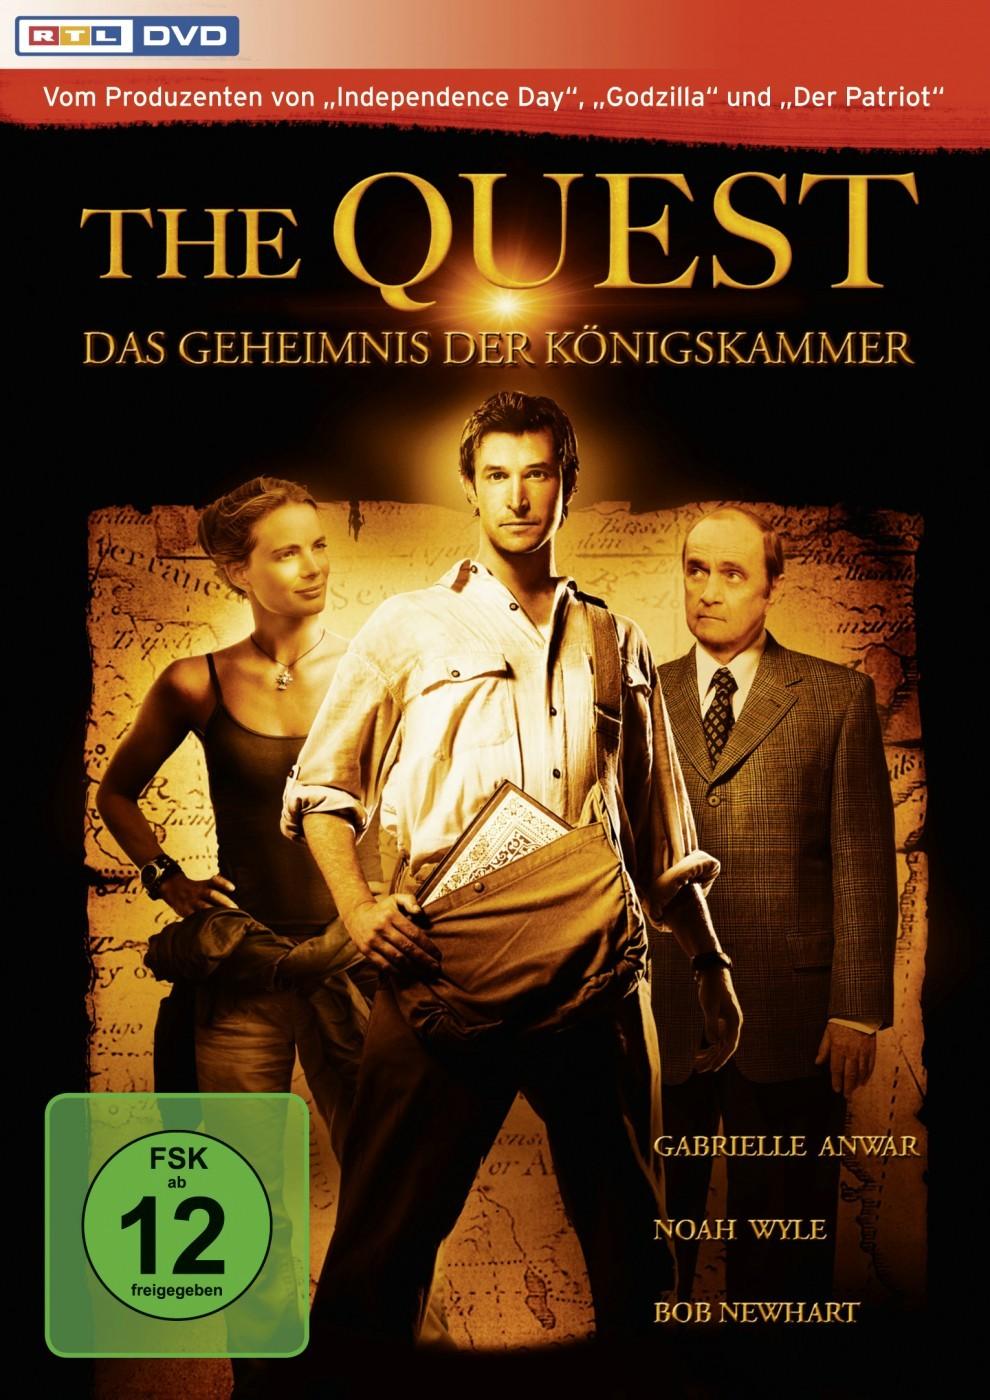 Image of The Quest - Das Geheimnis der Königskammer